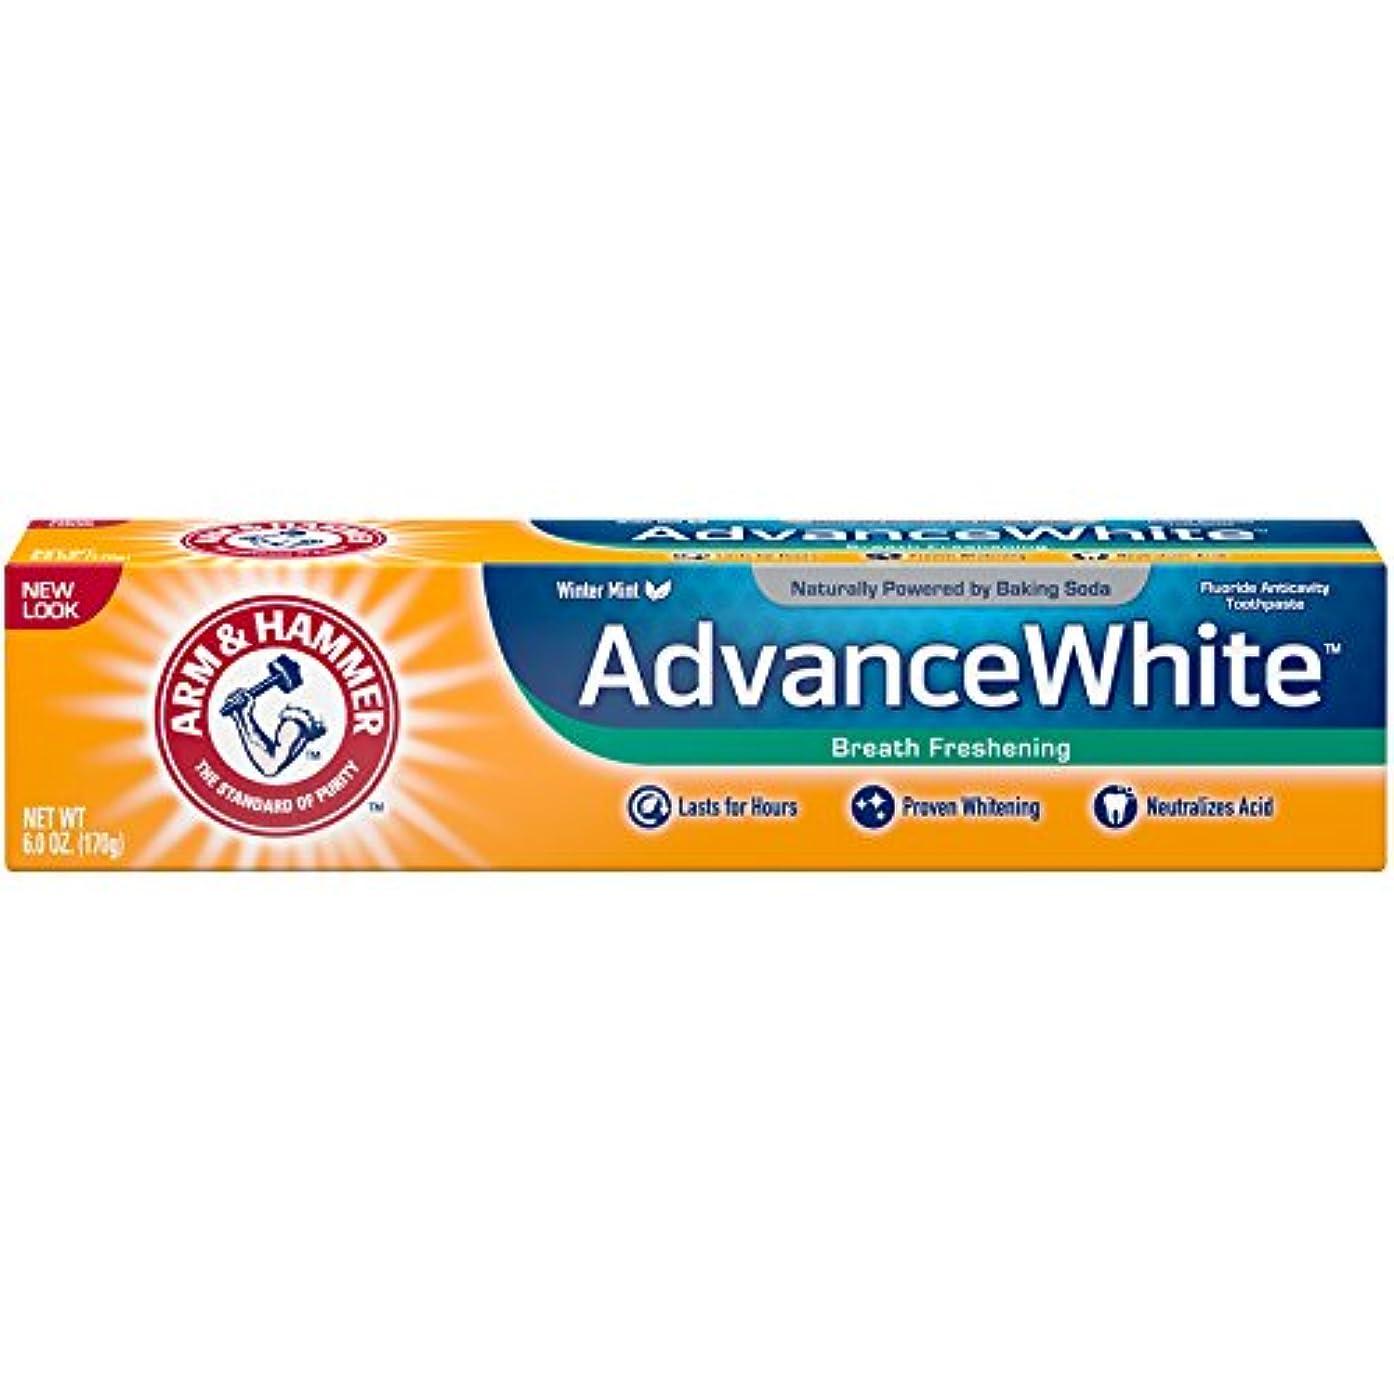 セメント価値裏切るアーム&ハマー アドバンス ホワイト 歯磨き粉 ブレス フレッシュニング 170g Advance White Breath Freshing Baking Soda & Frosted Mint